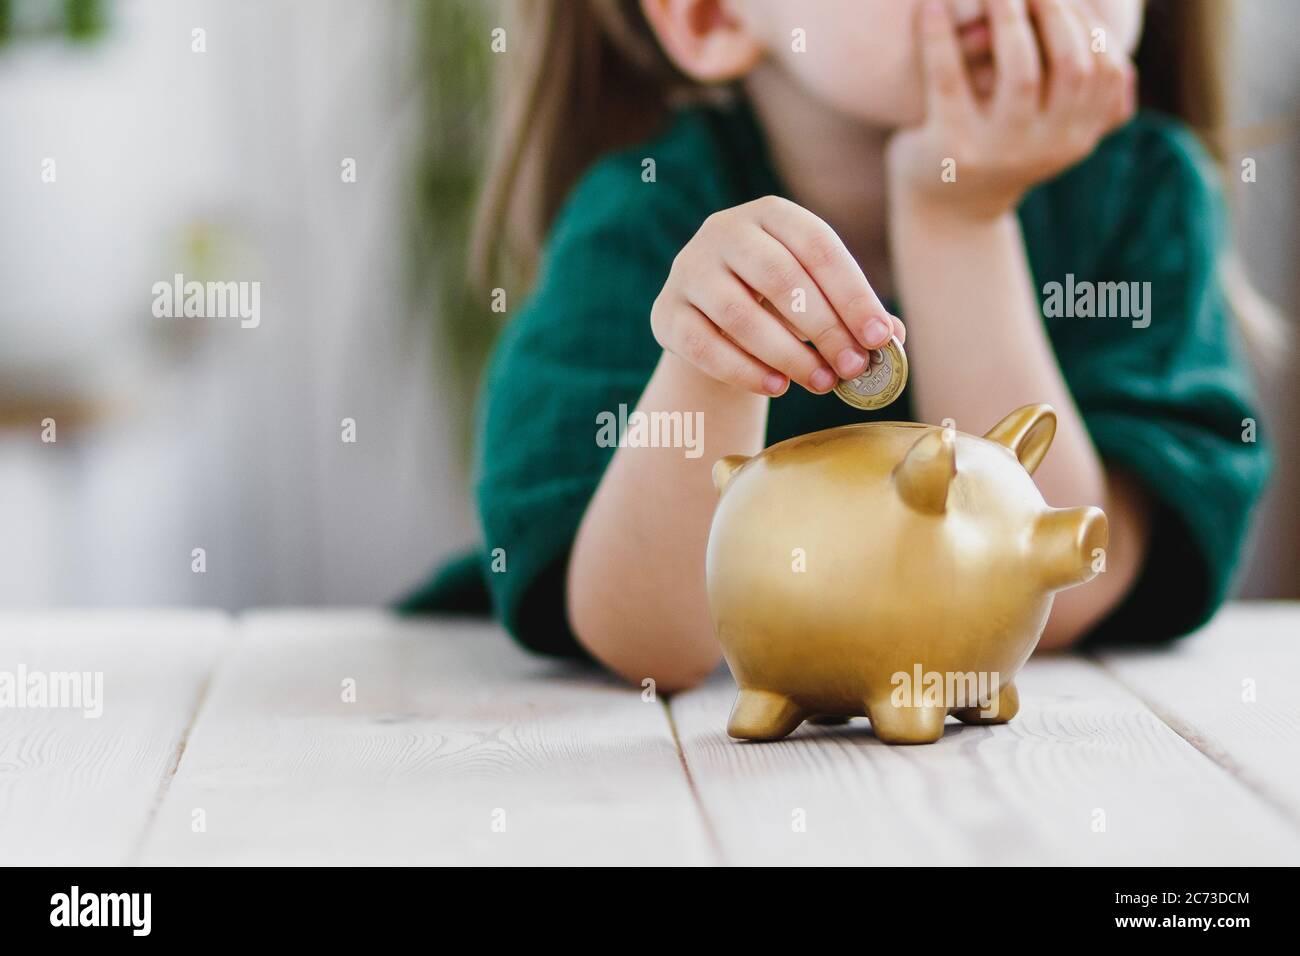 Petite fille en robe verte pensant à son argent dépenser et de mettre une pièce dans une banque de piggy. Concept d'économie d'argent Banque D'Images